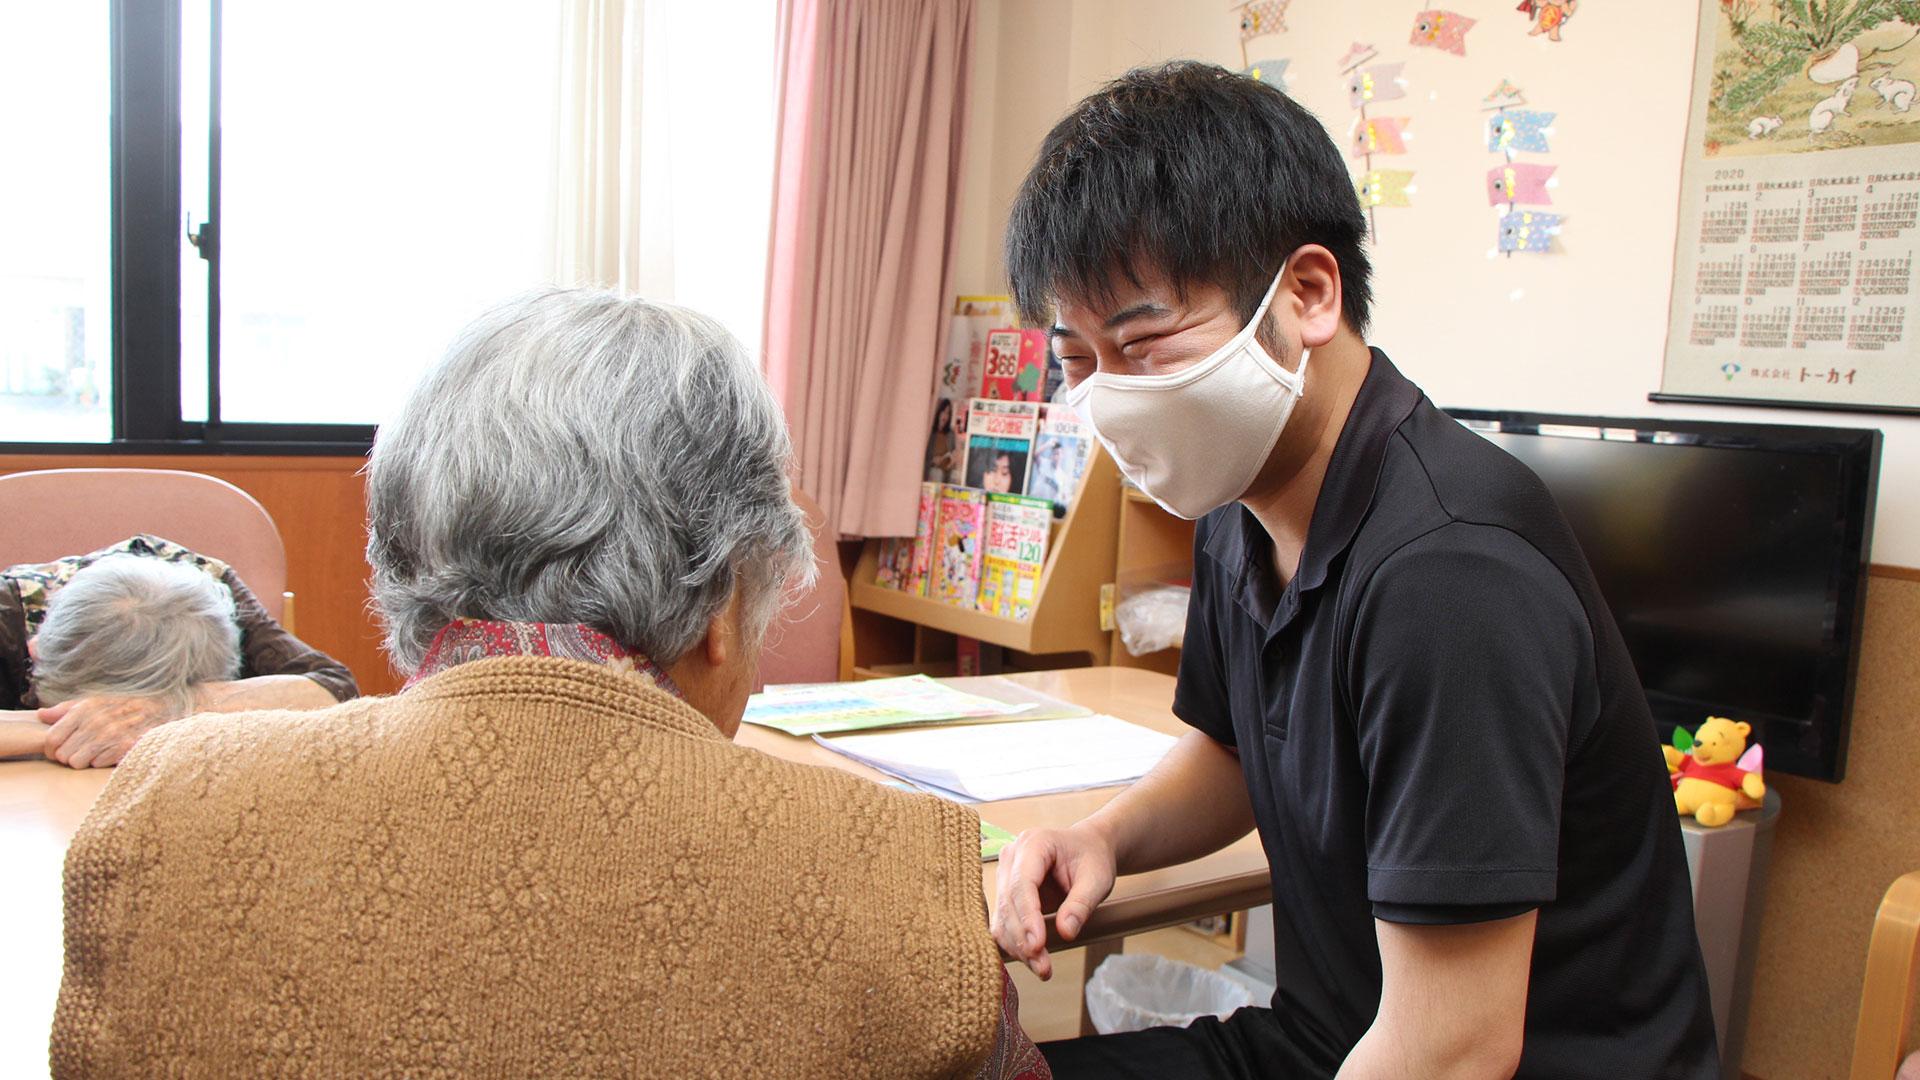 介護士 川瀬浩義